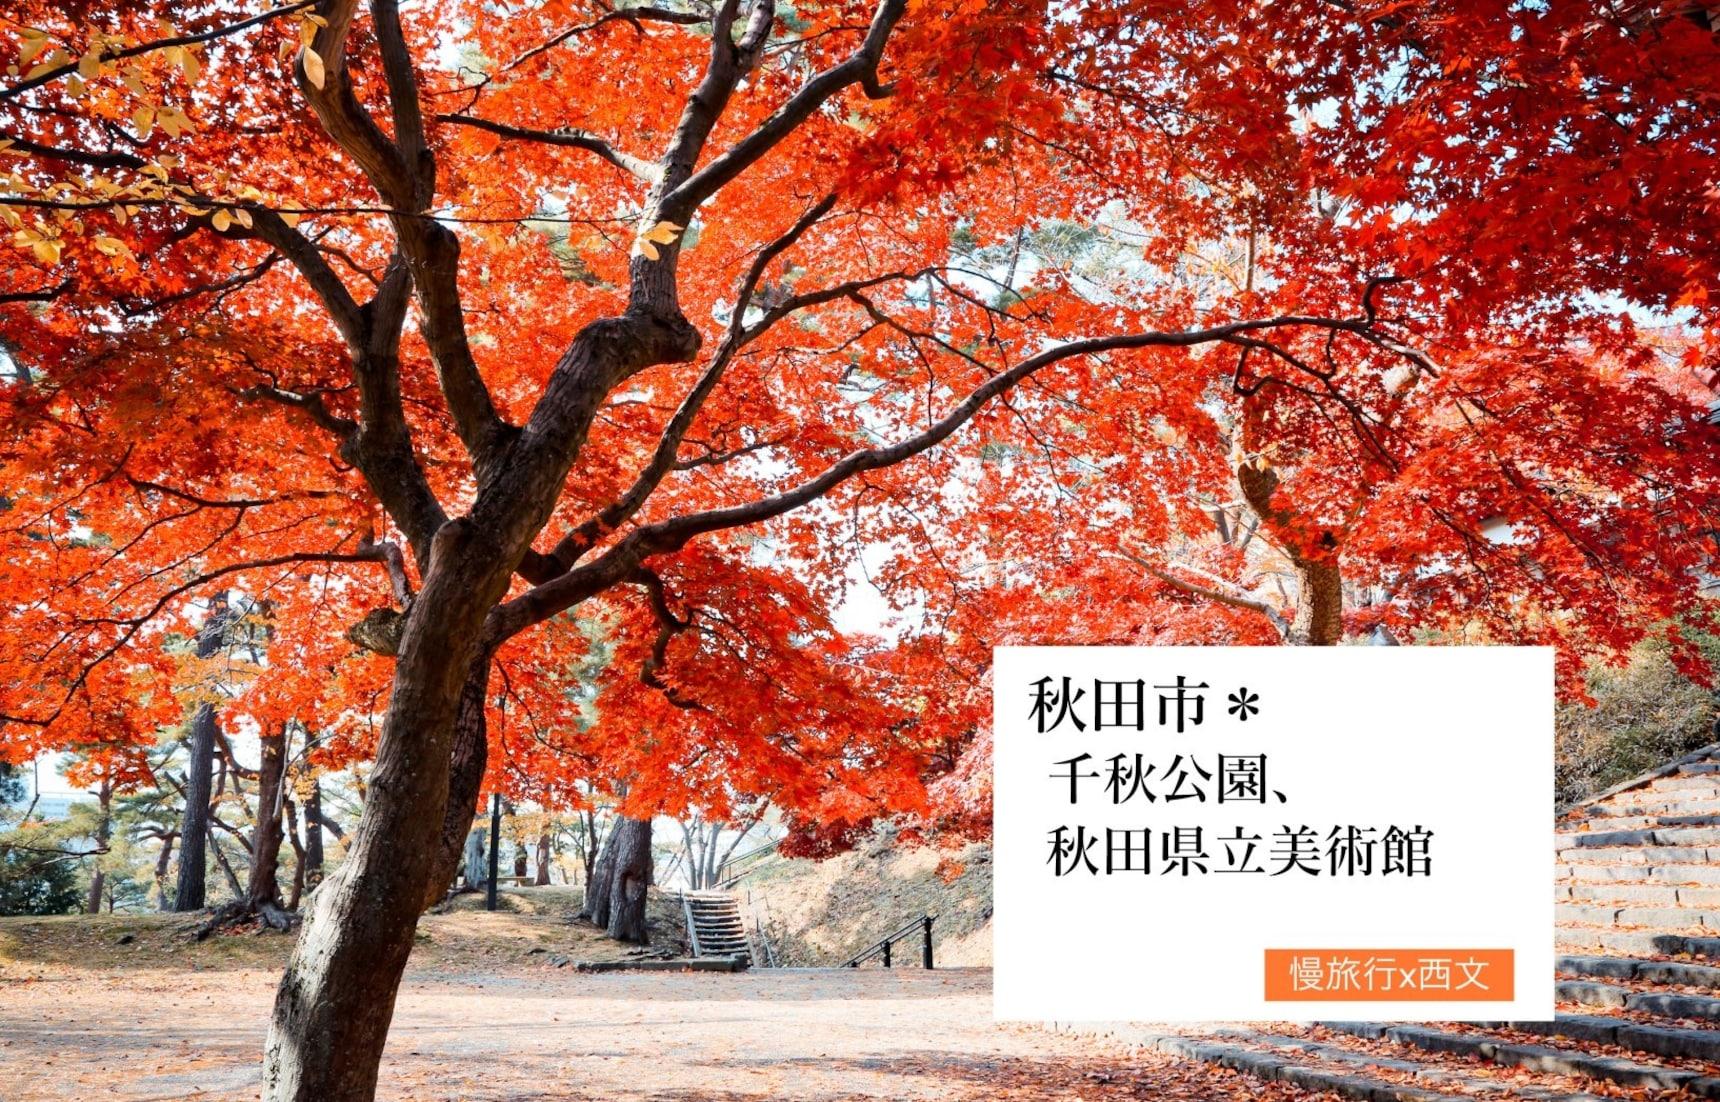 秋田賞楓去 Day 3 |比內地雞料理&千秋公園、秋田縣立美術館